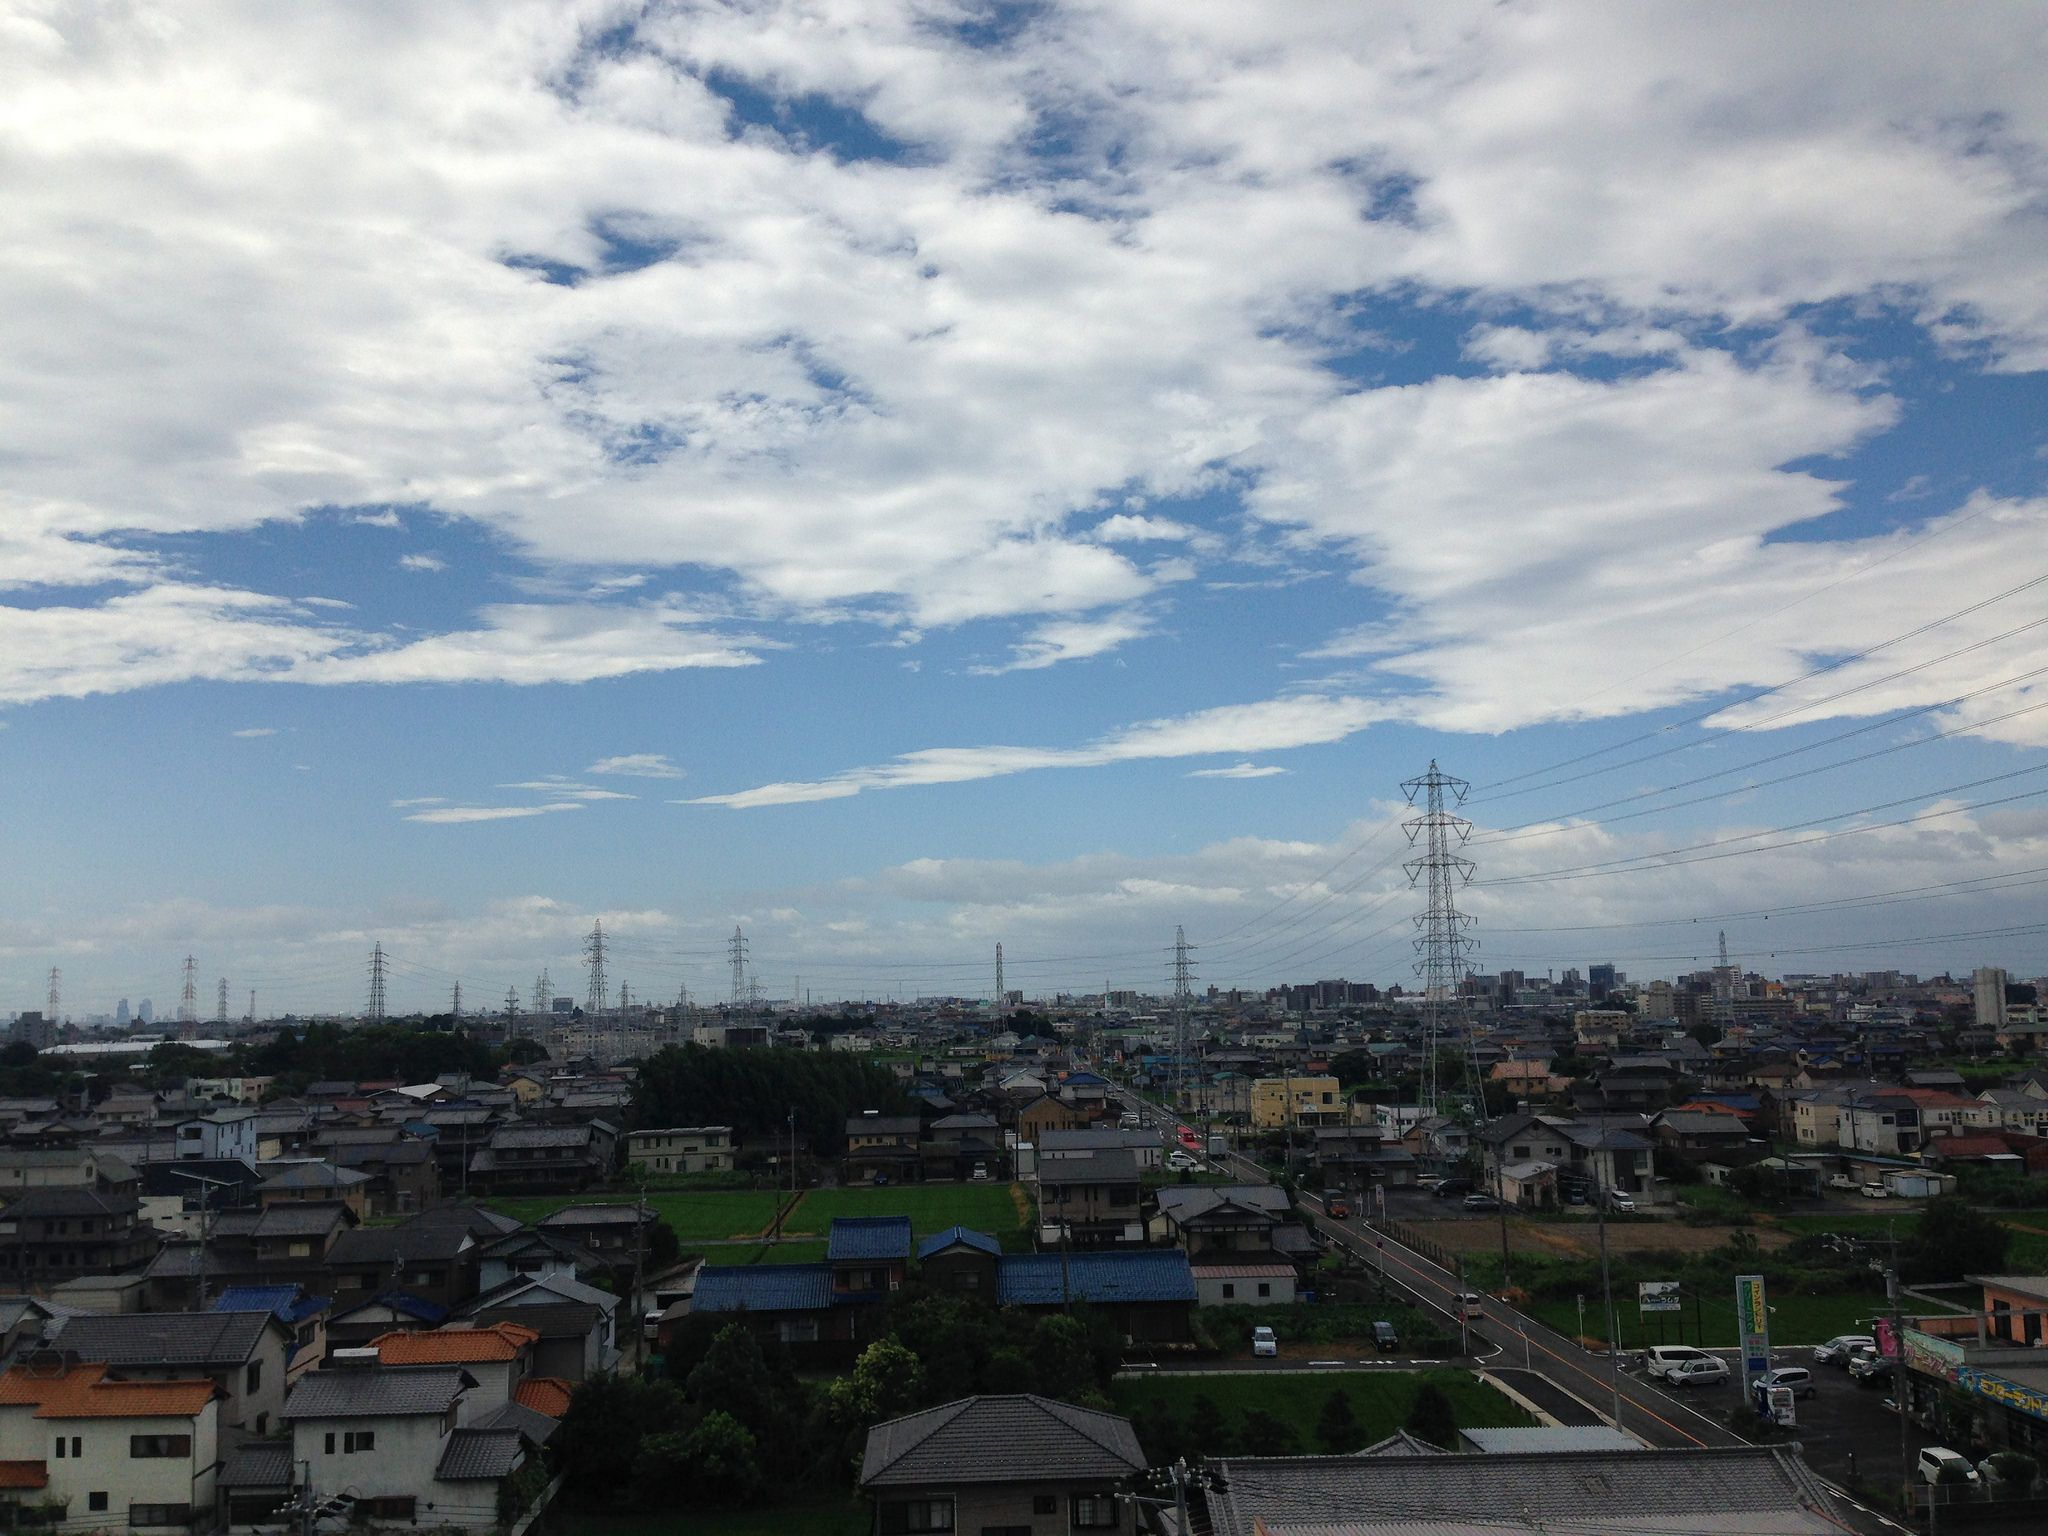 https://flic.kr/p/XjiWA2 | 台風が通り過ぎた後の朝。 02 | 南側の窓から外を望むとさわやかな空が広がっていたが 振り向くと、北側はまだ昨日の朝の様に灰色の雲に覆われていた。 まだまだ、台風の影響から抜けきらない朝でした。  幸い、私の周りは何事も無く、台風は過ぎていったが、 被害にあわれた方、心よりお見舞い申し上げます。